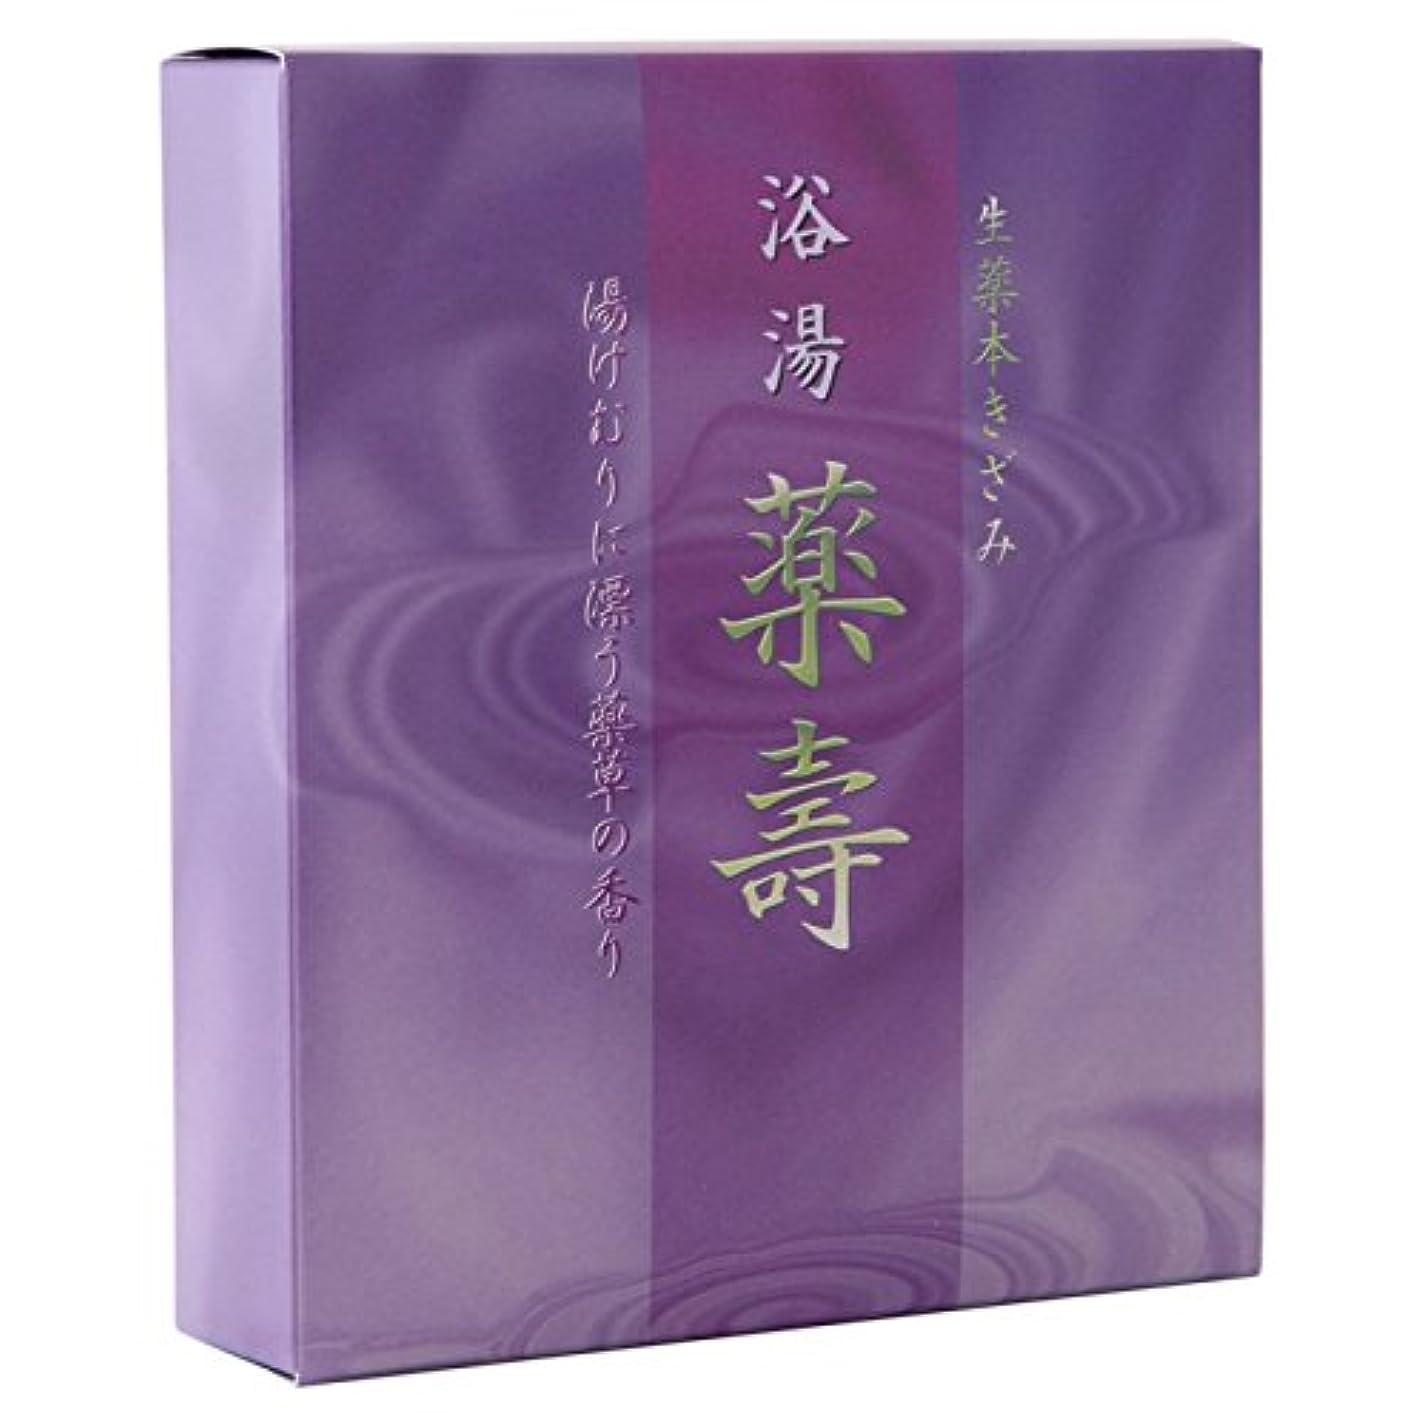 浴湯 【薬壽やくじゅ】 生薬本きざみ ~5箱(25包)セット~